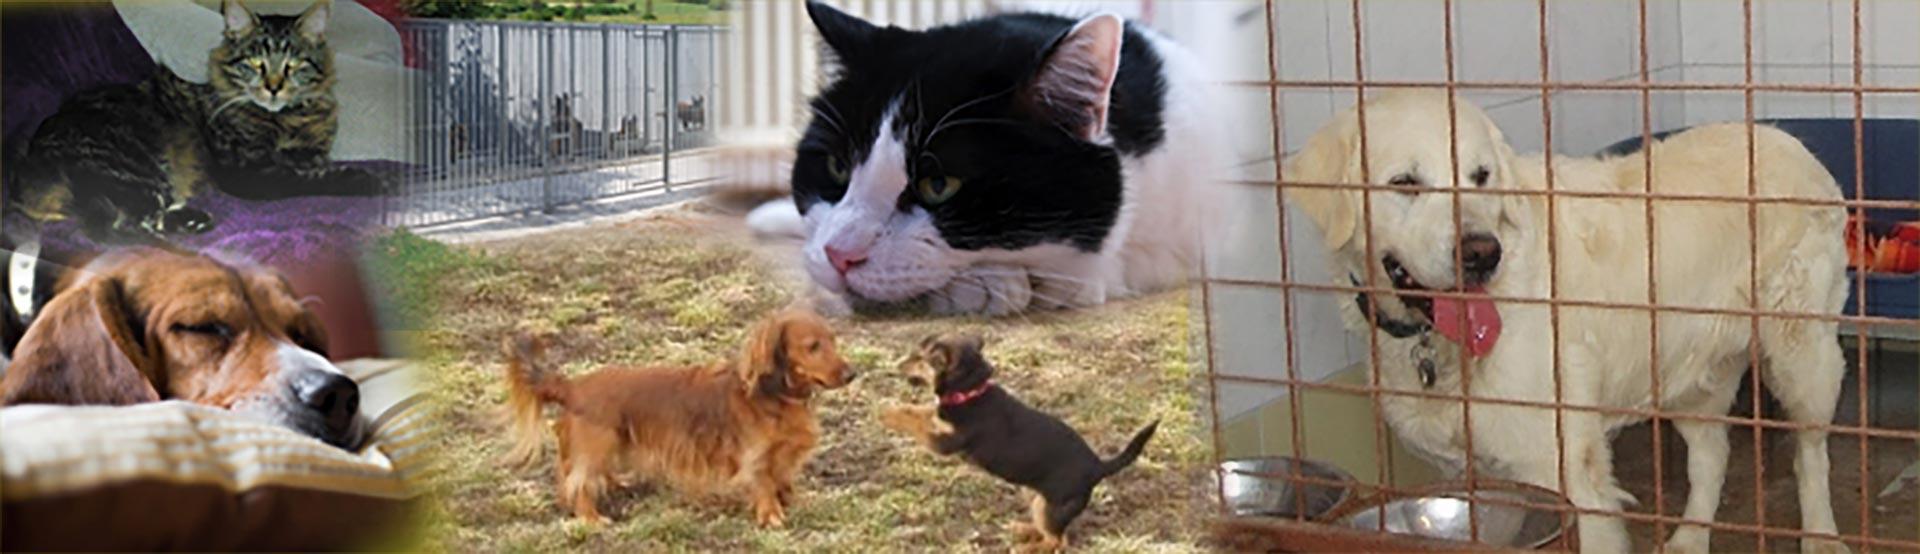 Ubytovaní psů a koček